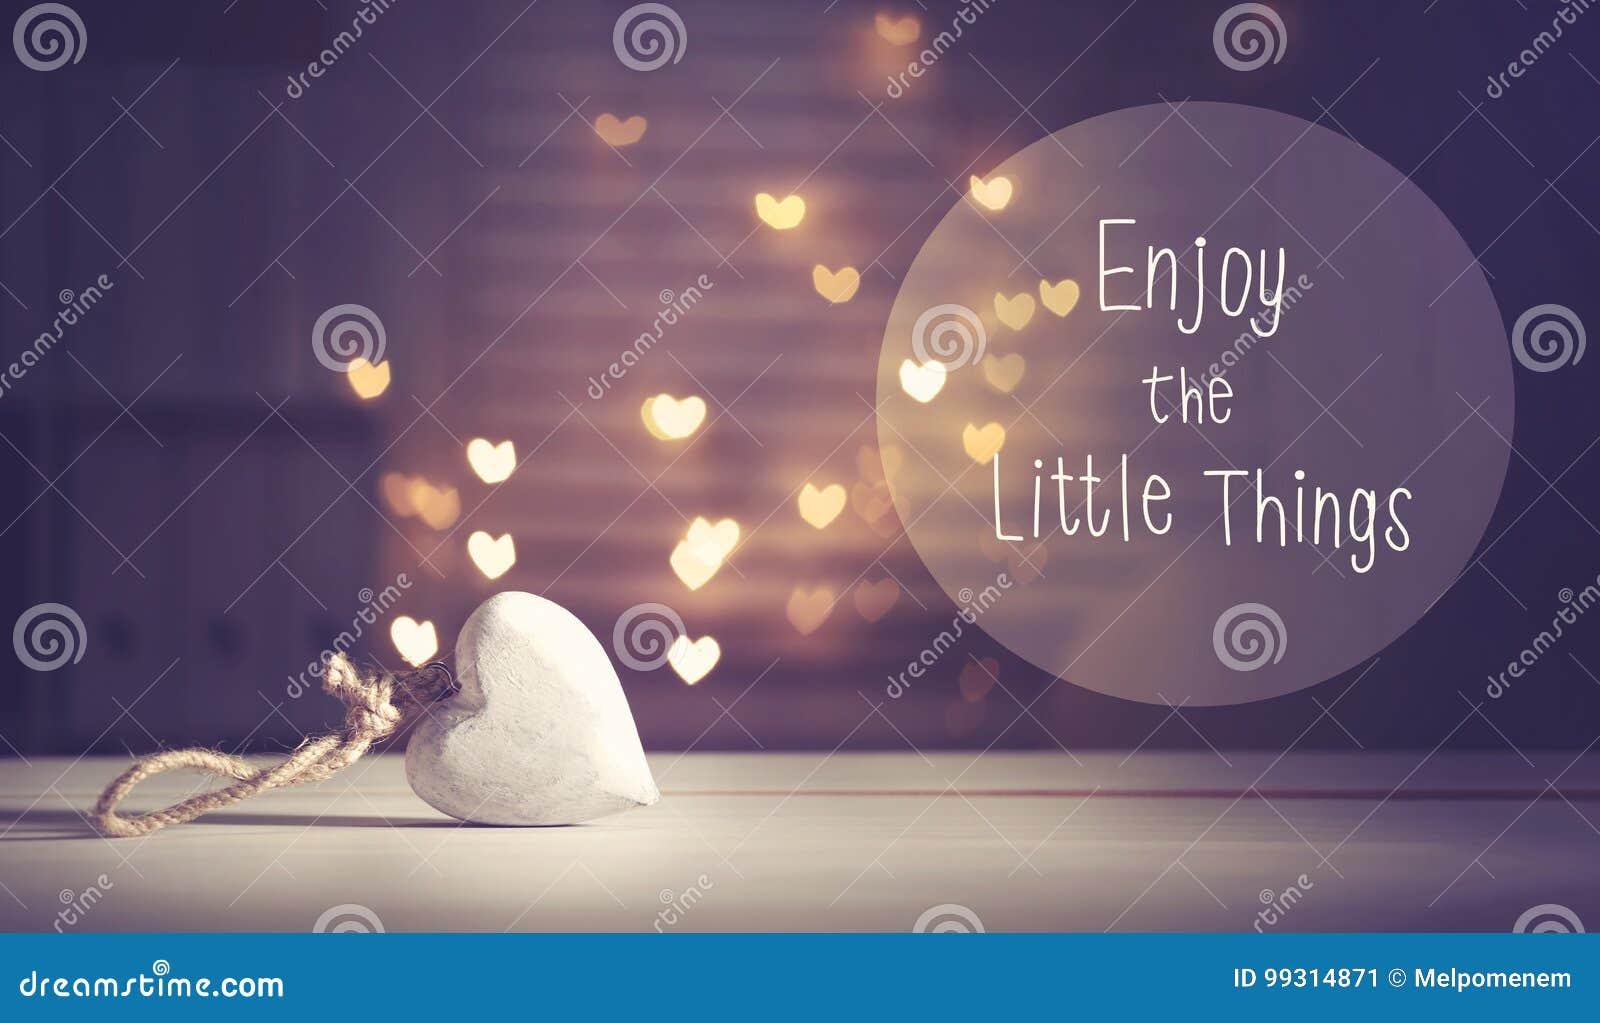 Appréciez le petit message de choses avec un coeur blanc